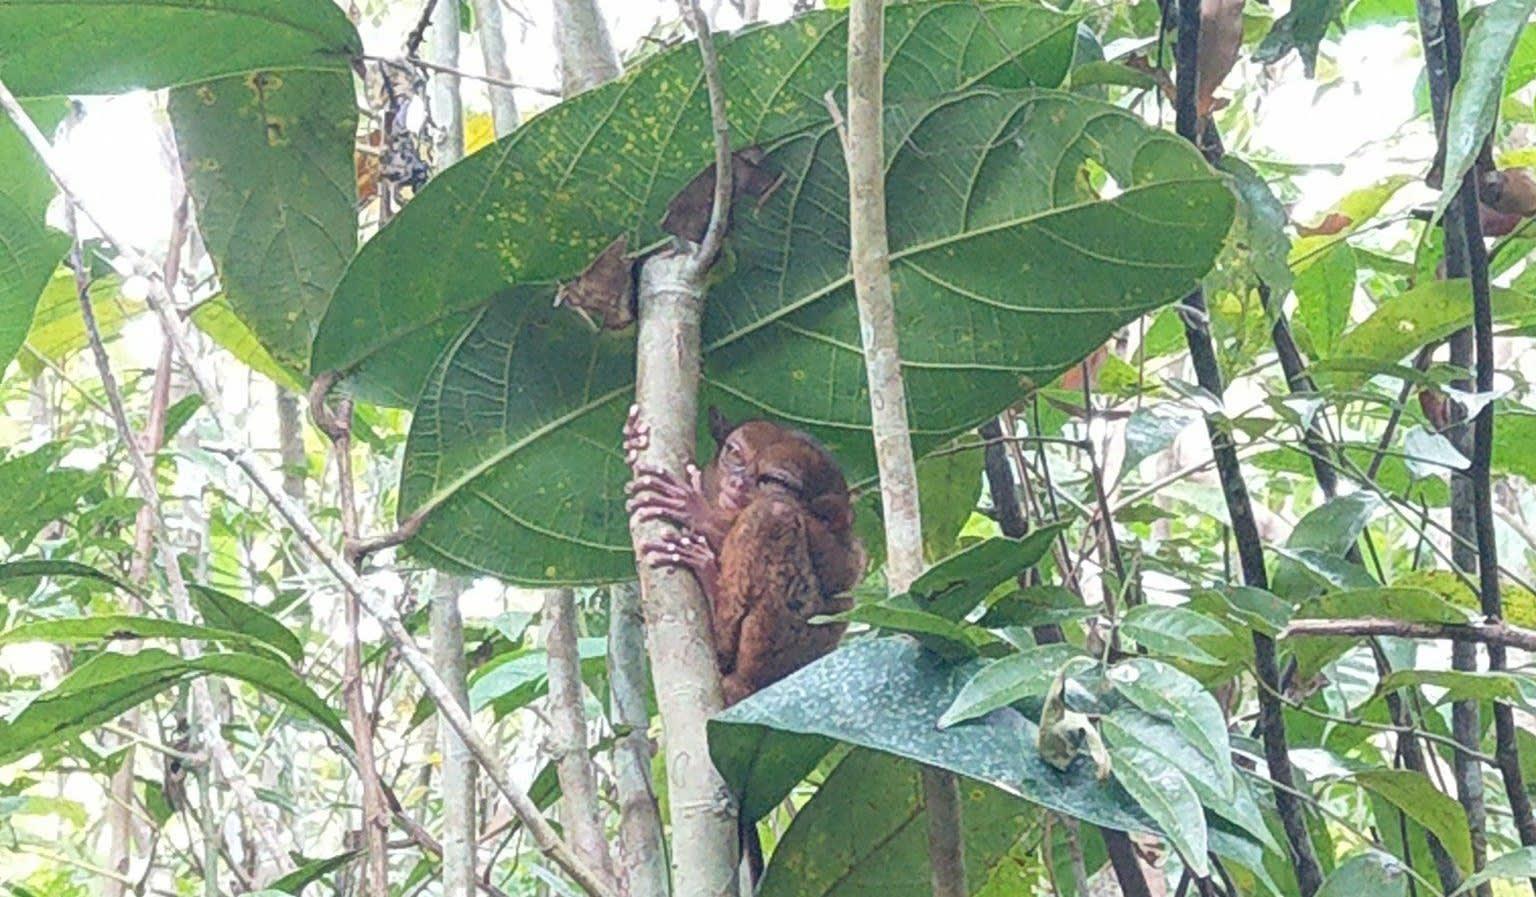 基本上都在休眠的眼鏡猴|圖片來源:Vanessa